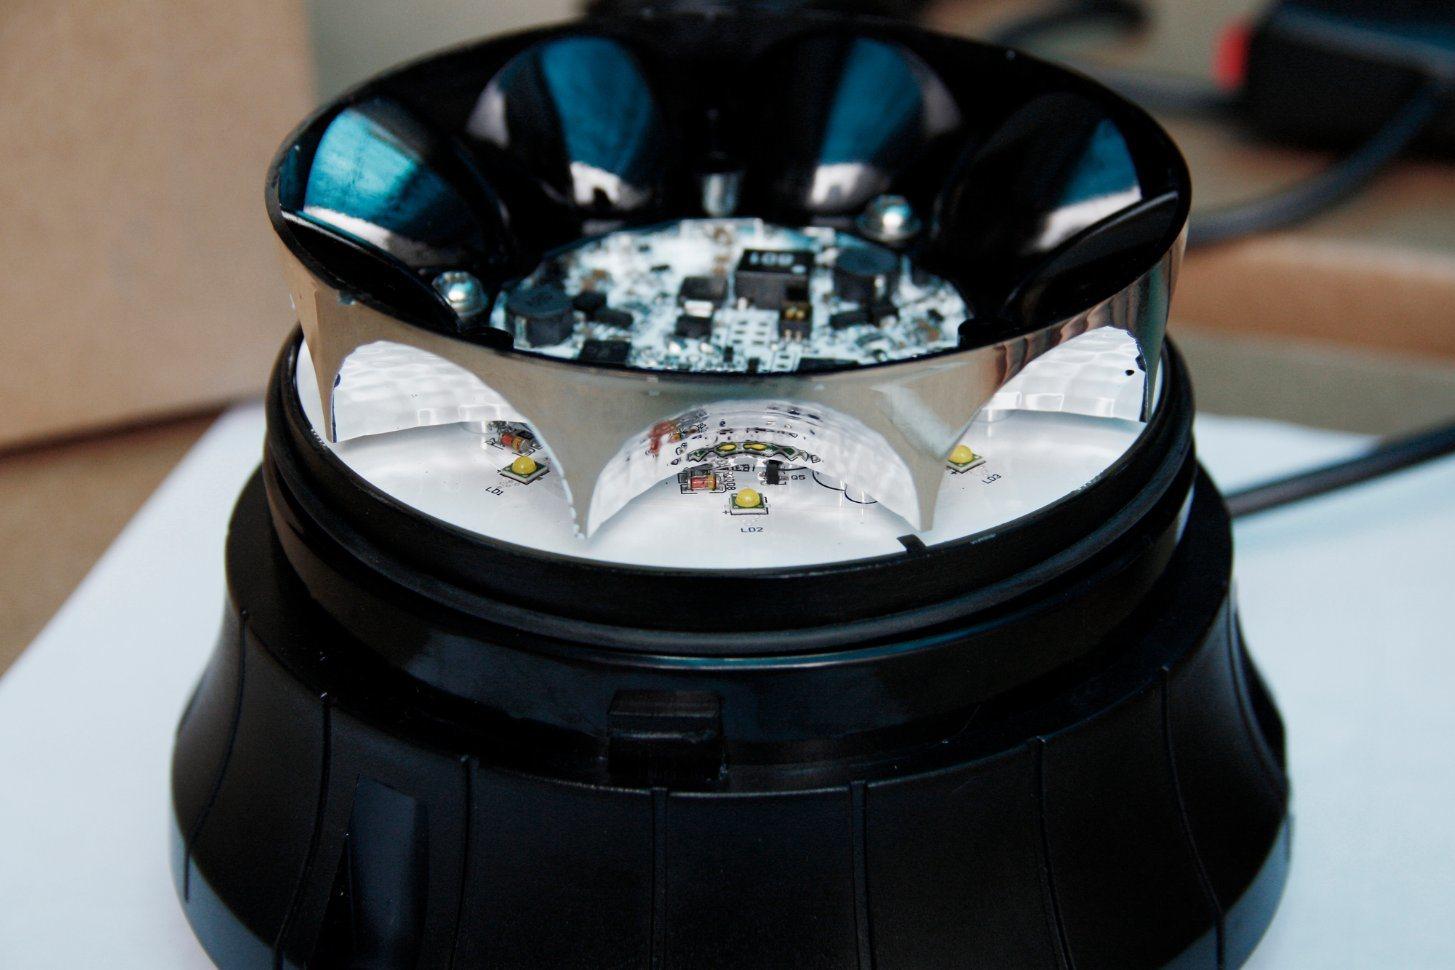 Senken ECE R65 Emcr10 Approved High Power Geniii 3W Flash Light LED Rotating Beacon